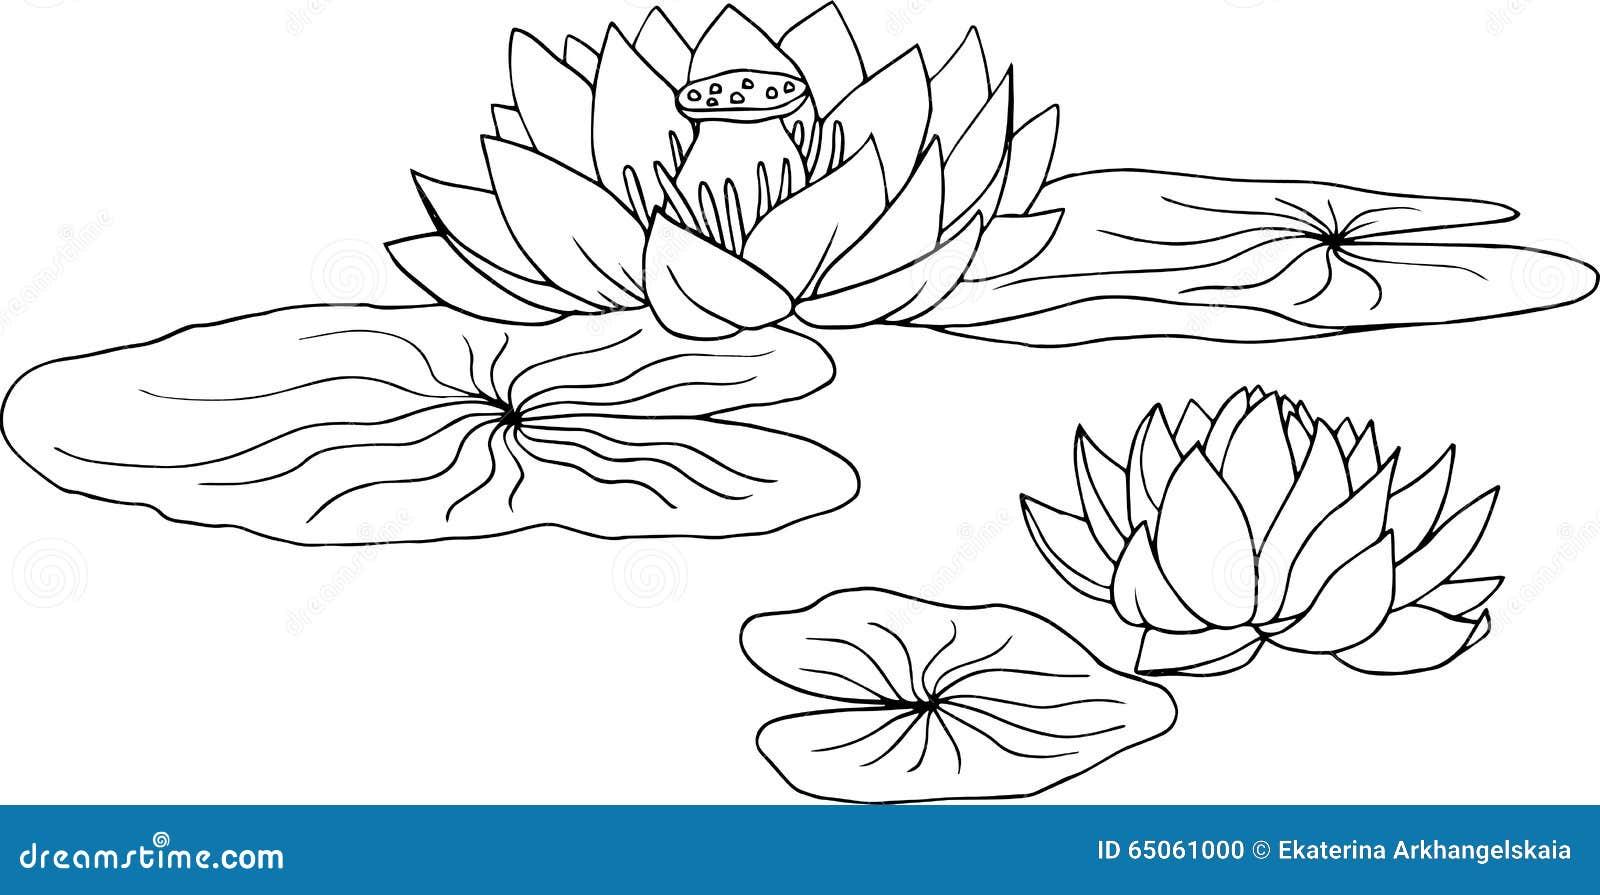 Kleurplaten Waterlelies.Waterlelie Kleurplaat Lotus Seerose Vektor Abbildung Bild 65061000